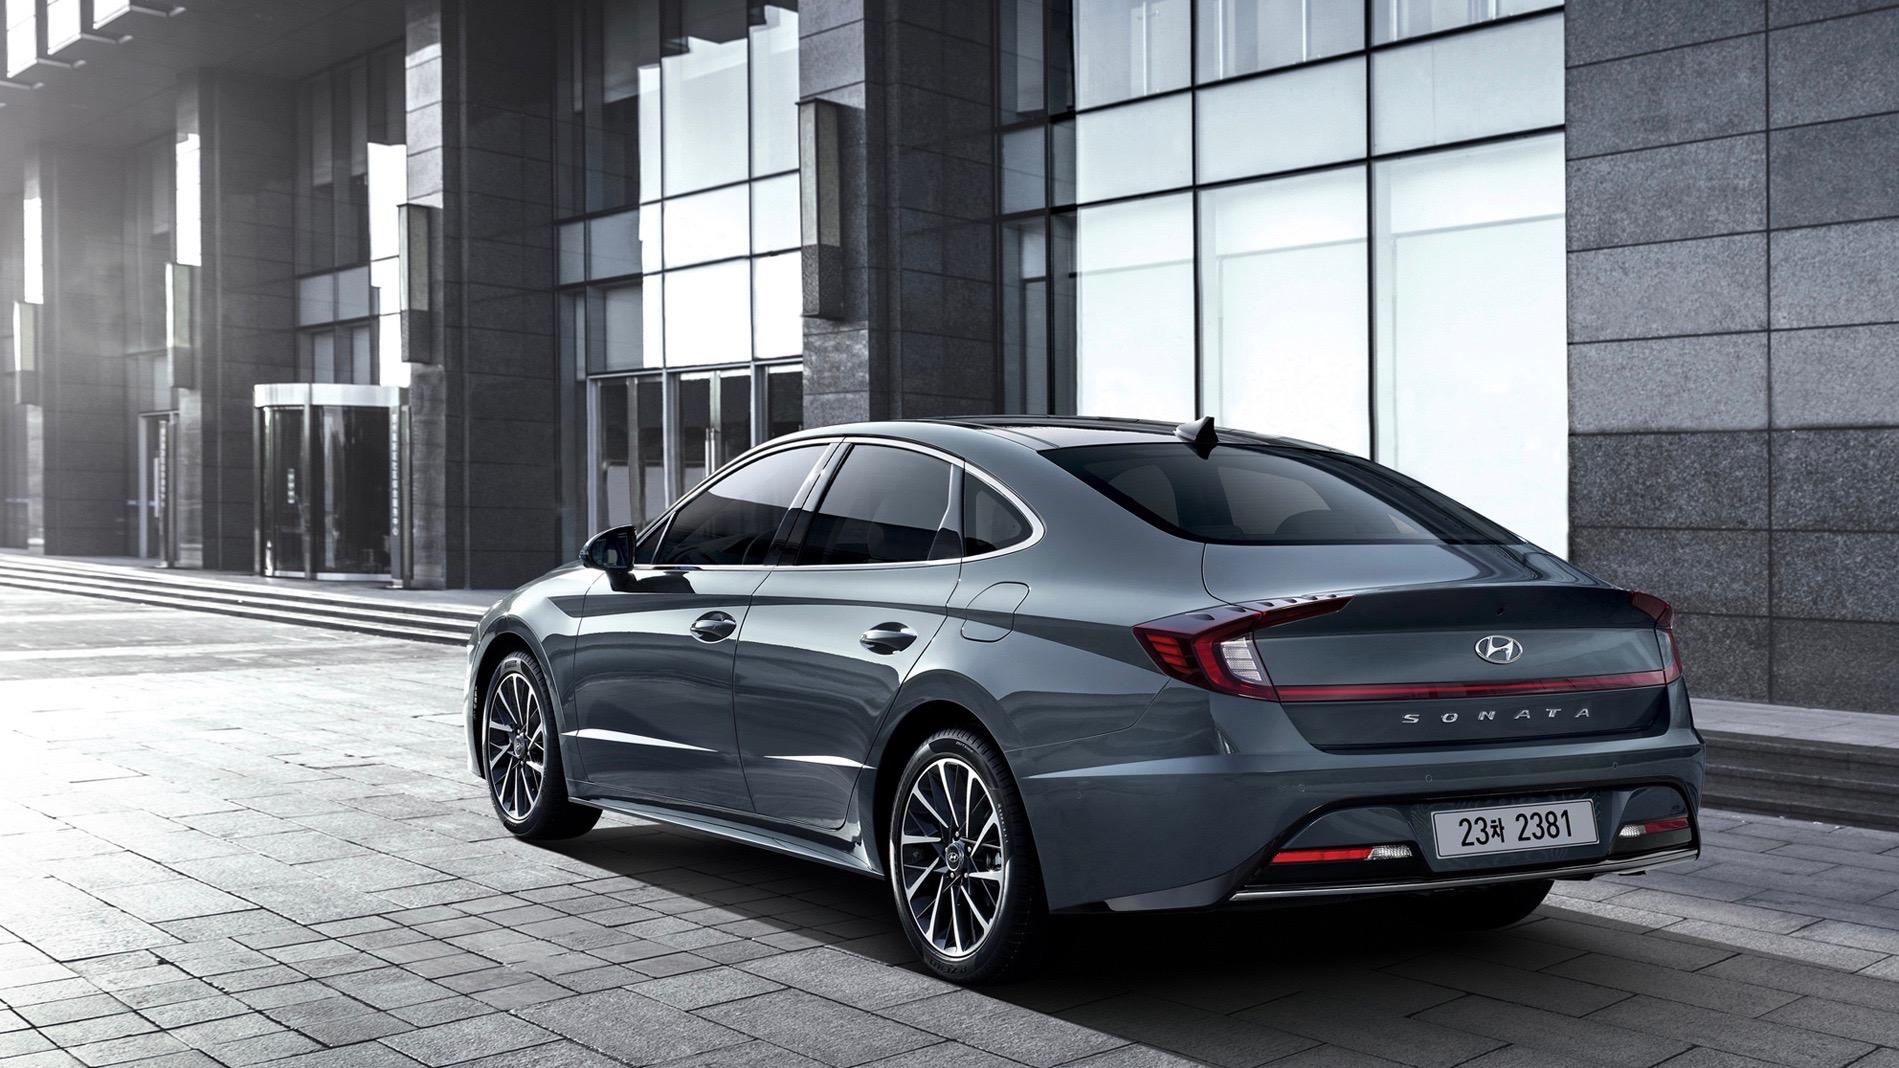 Si bien las estilizadas líneas del Hyundai Soanata 2020 acentúan la horizontalidad como lo hacen las de la generación actual, el nuevo vehículo tiene una imagen muy propia, que son <b>más revolucionarias que evolucionarias</b>.<br/>